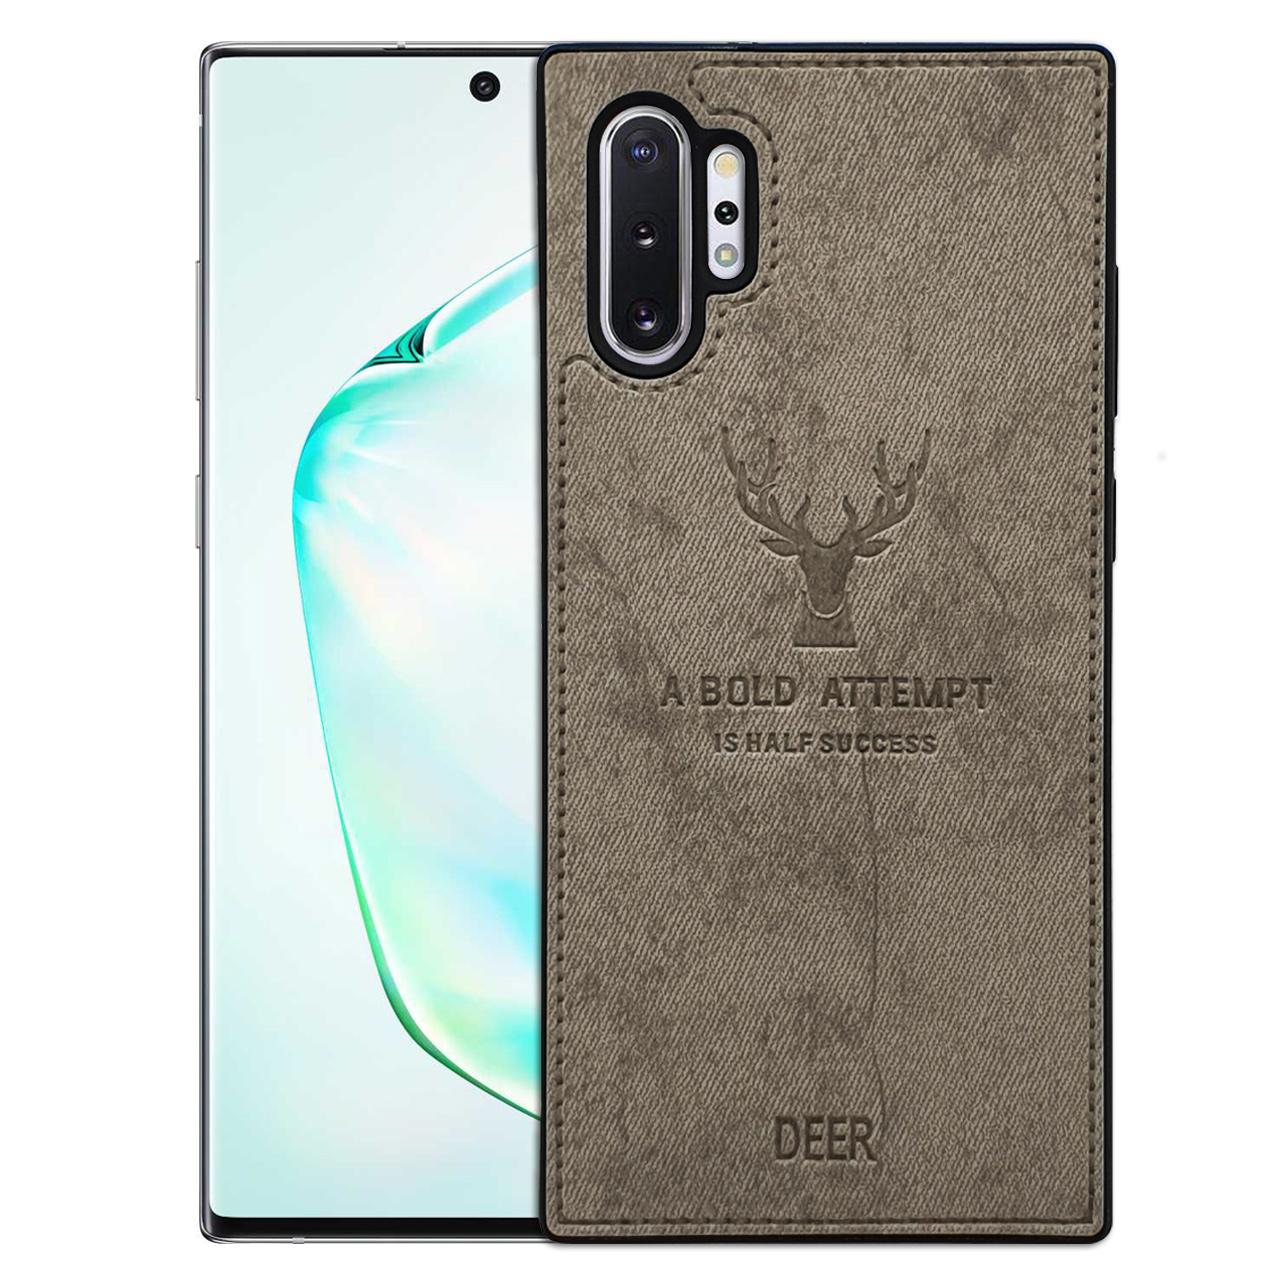 کاور مدل DEE-05 مناسب برای گوشی موبایل سامسونگ Galaxy Note 10 Plus